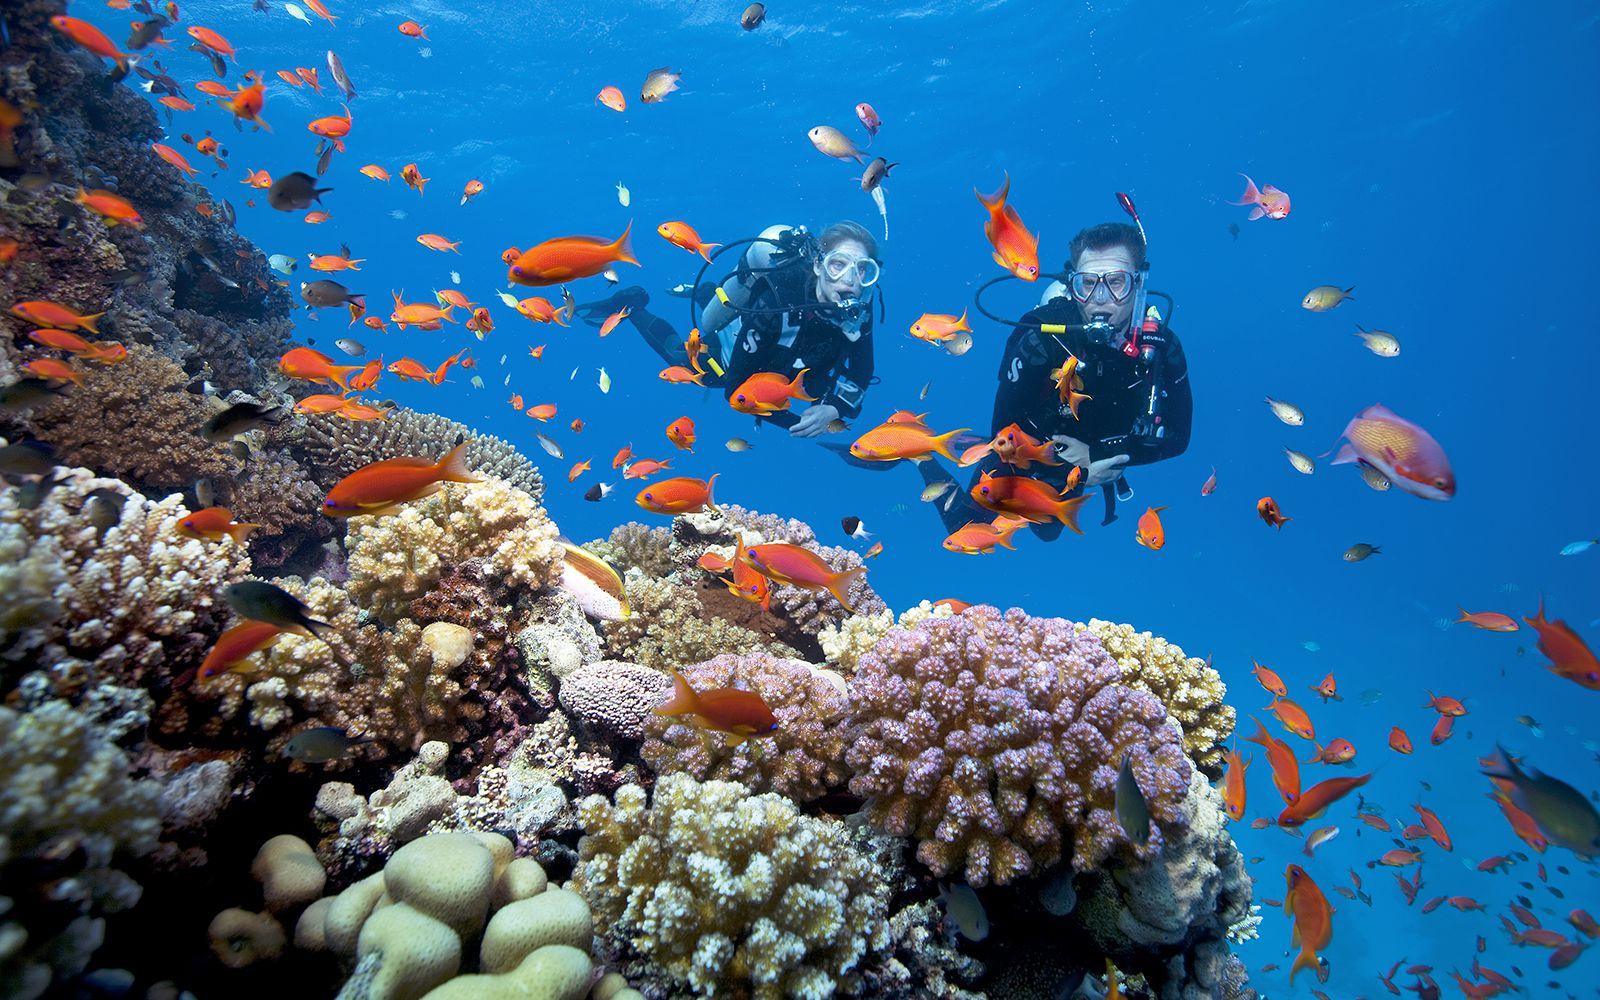 Ảnh lặn biển ngắm san hô ở Phú Quốc